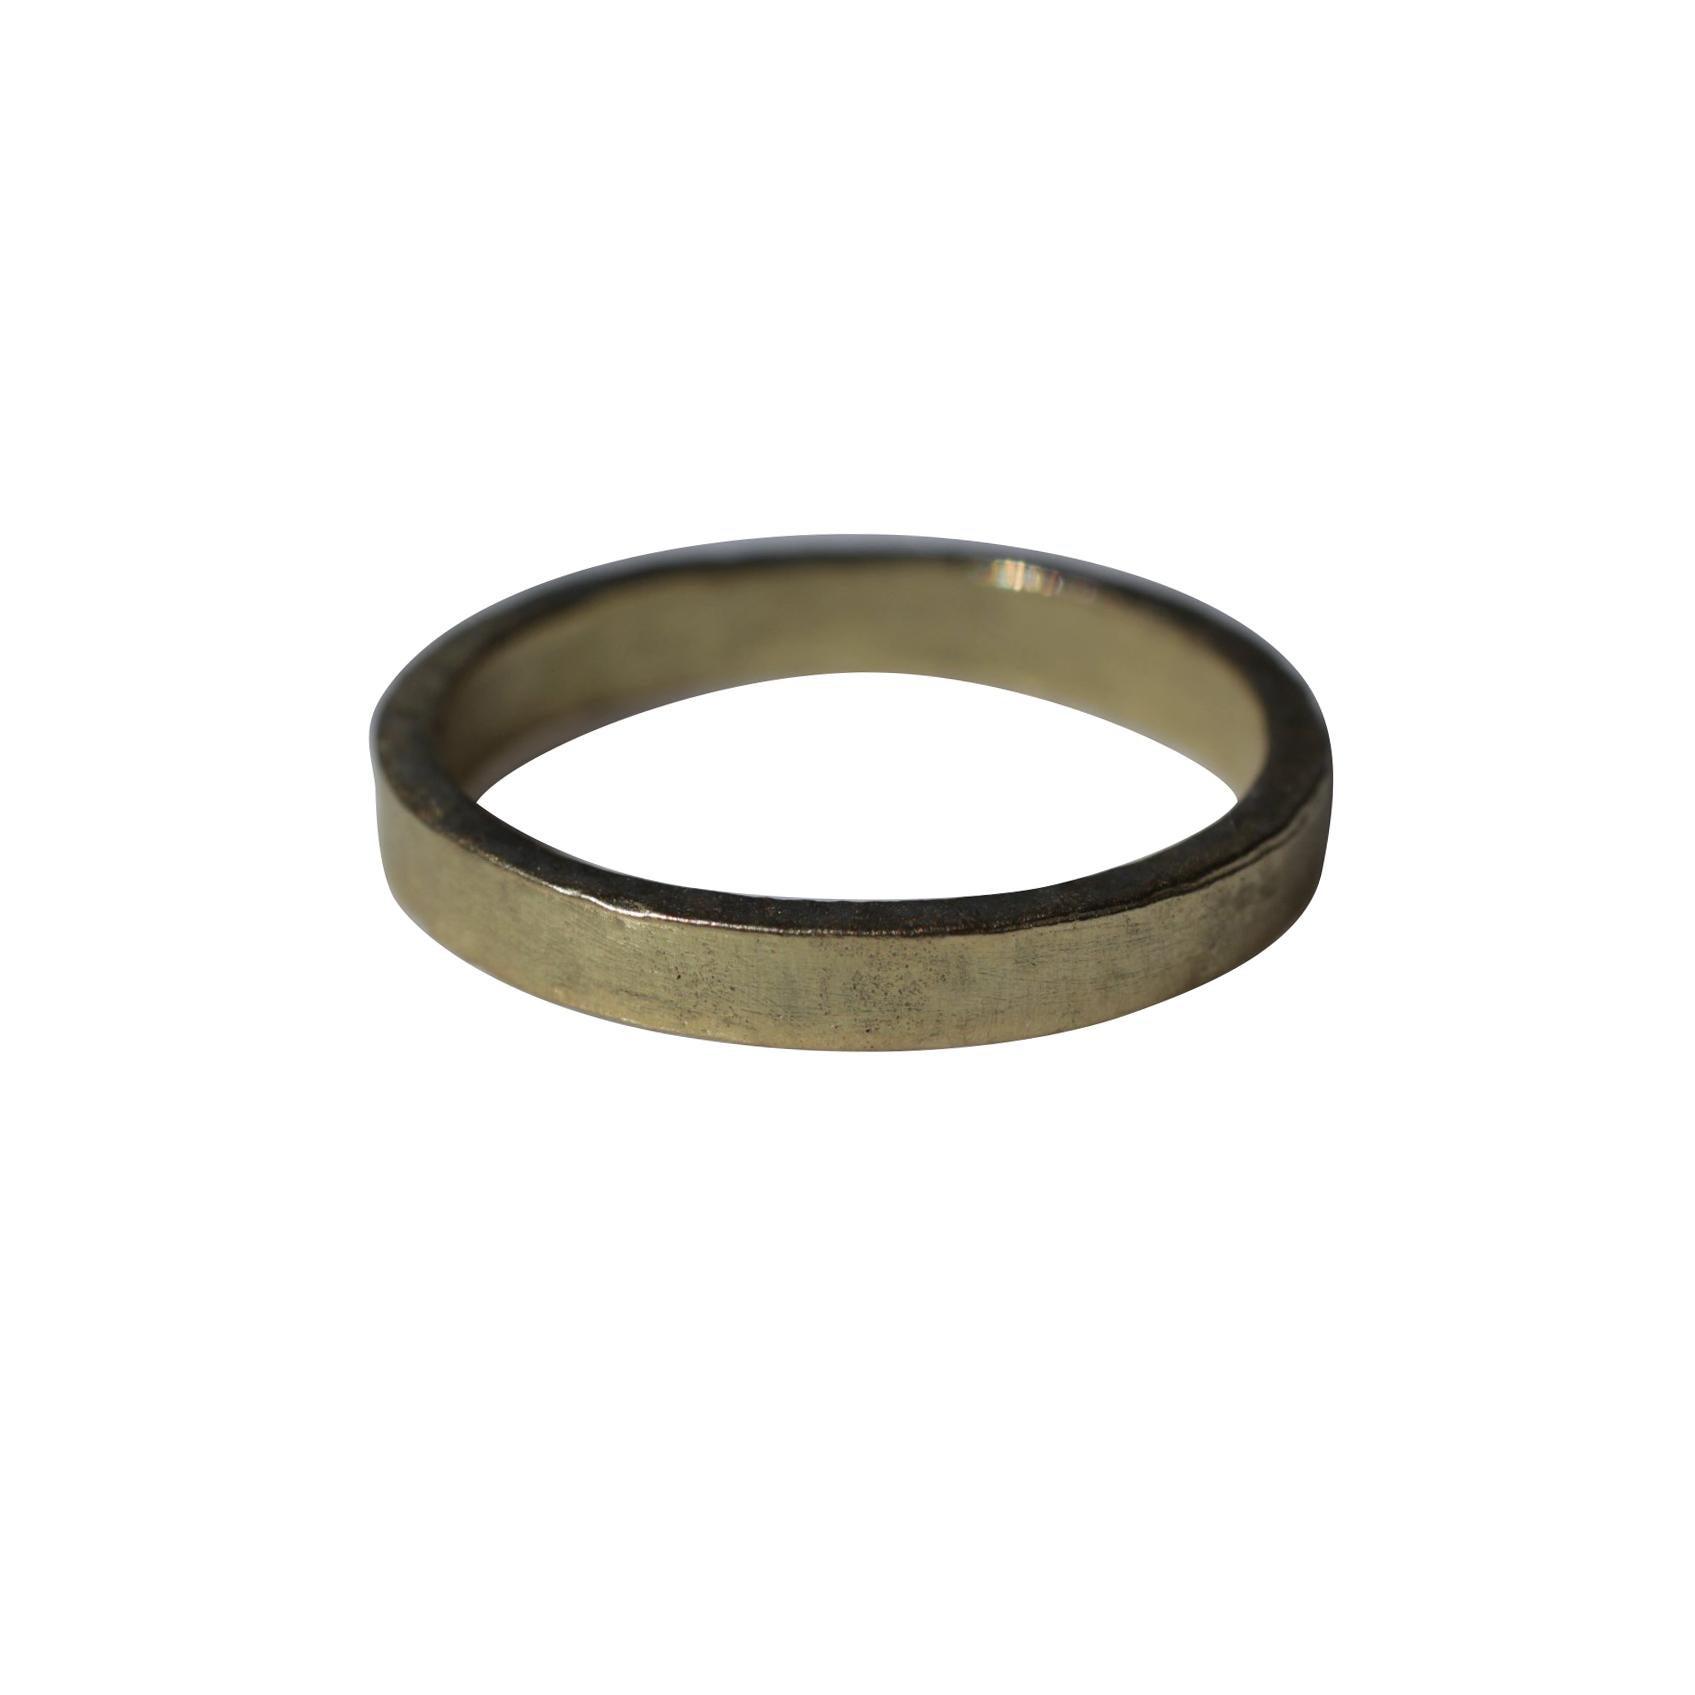 22K Gold Bridal Wedding Band Ring Modern Stacking Ring Design